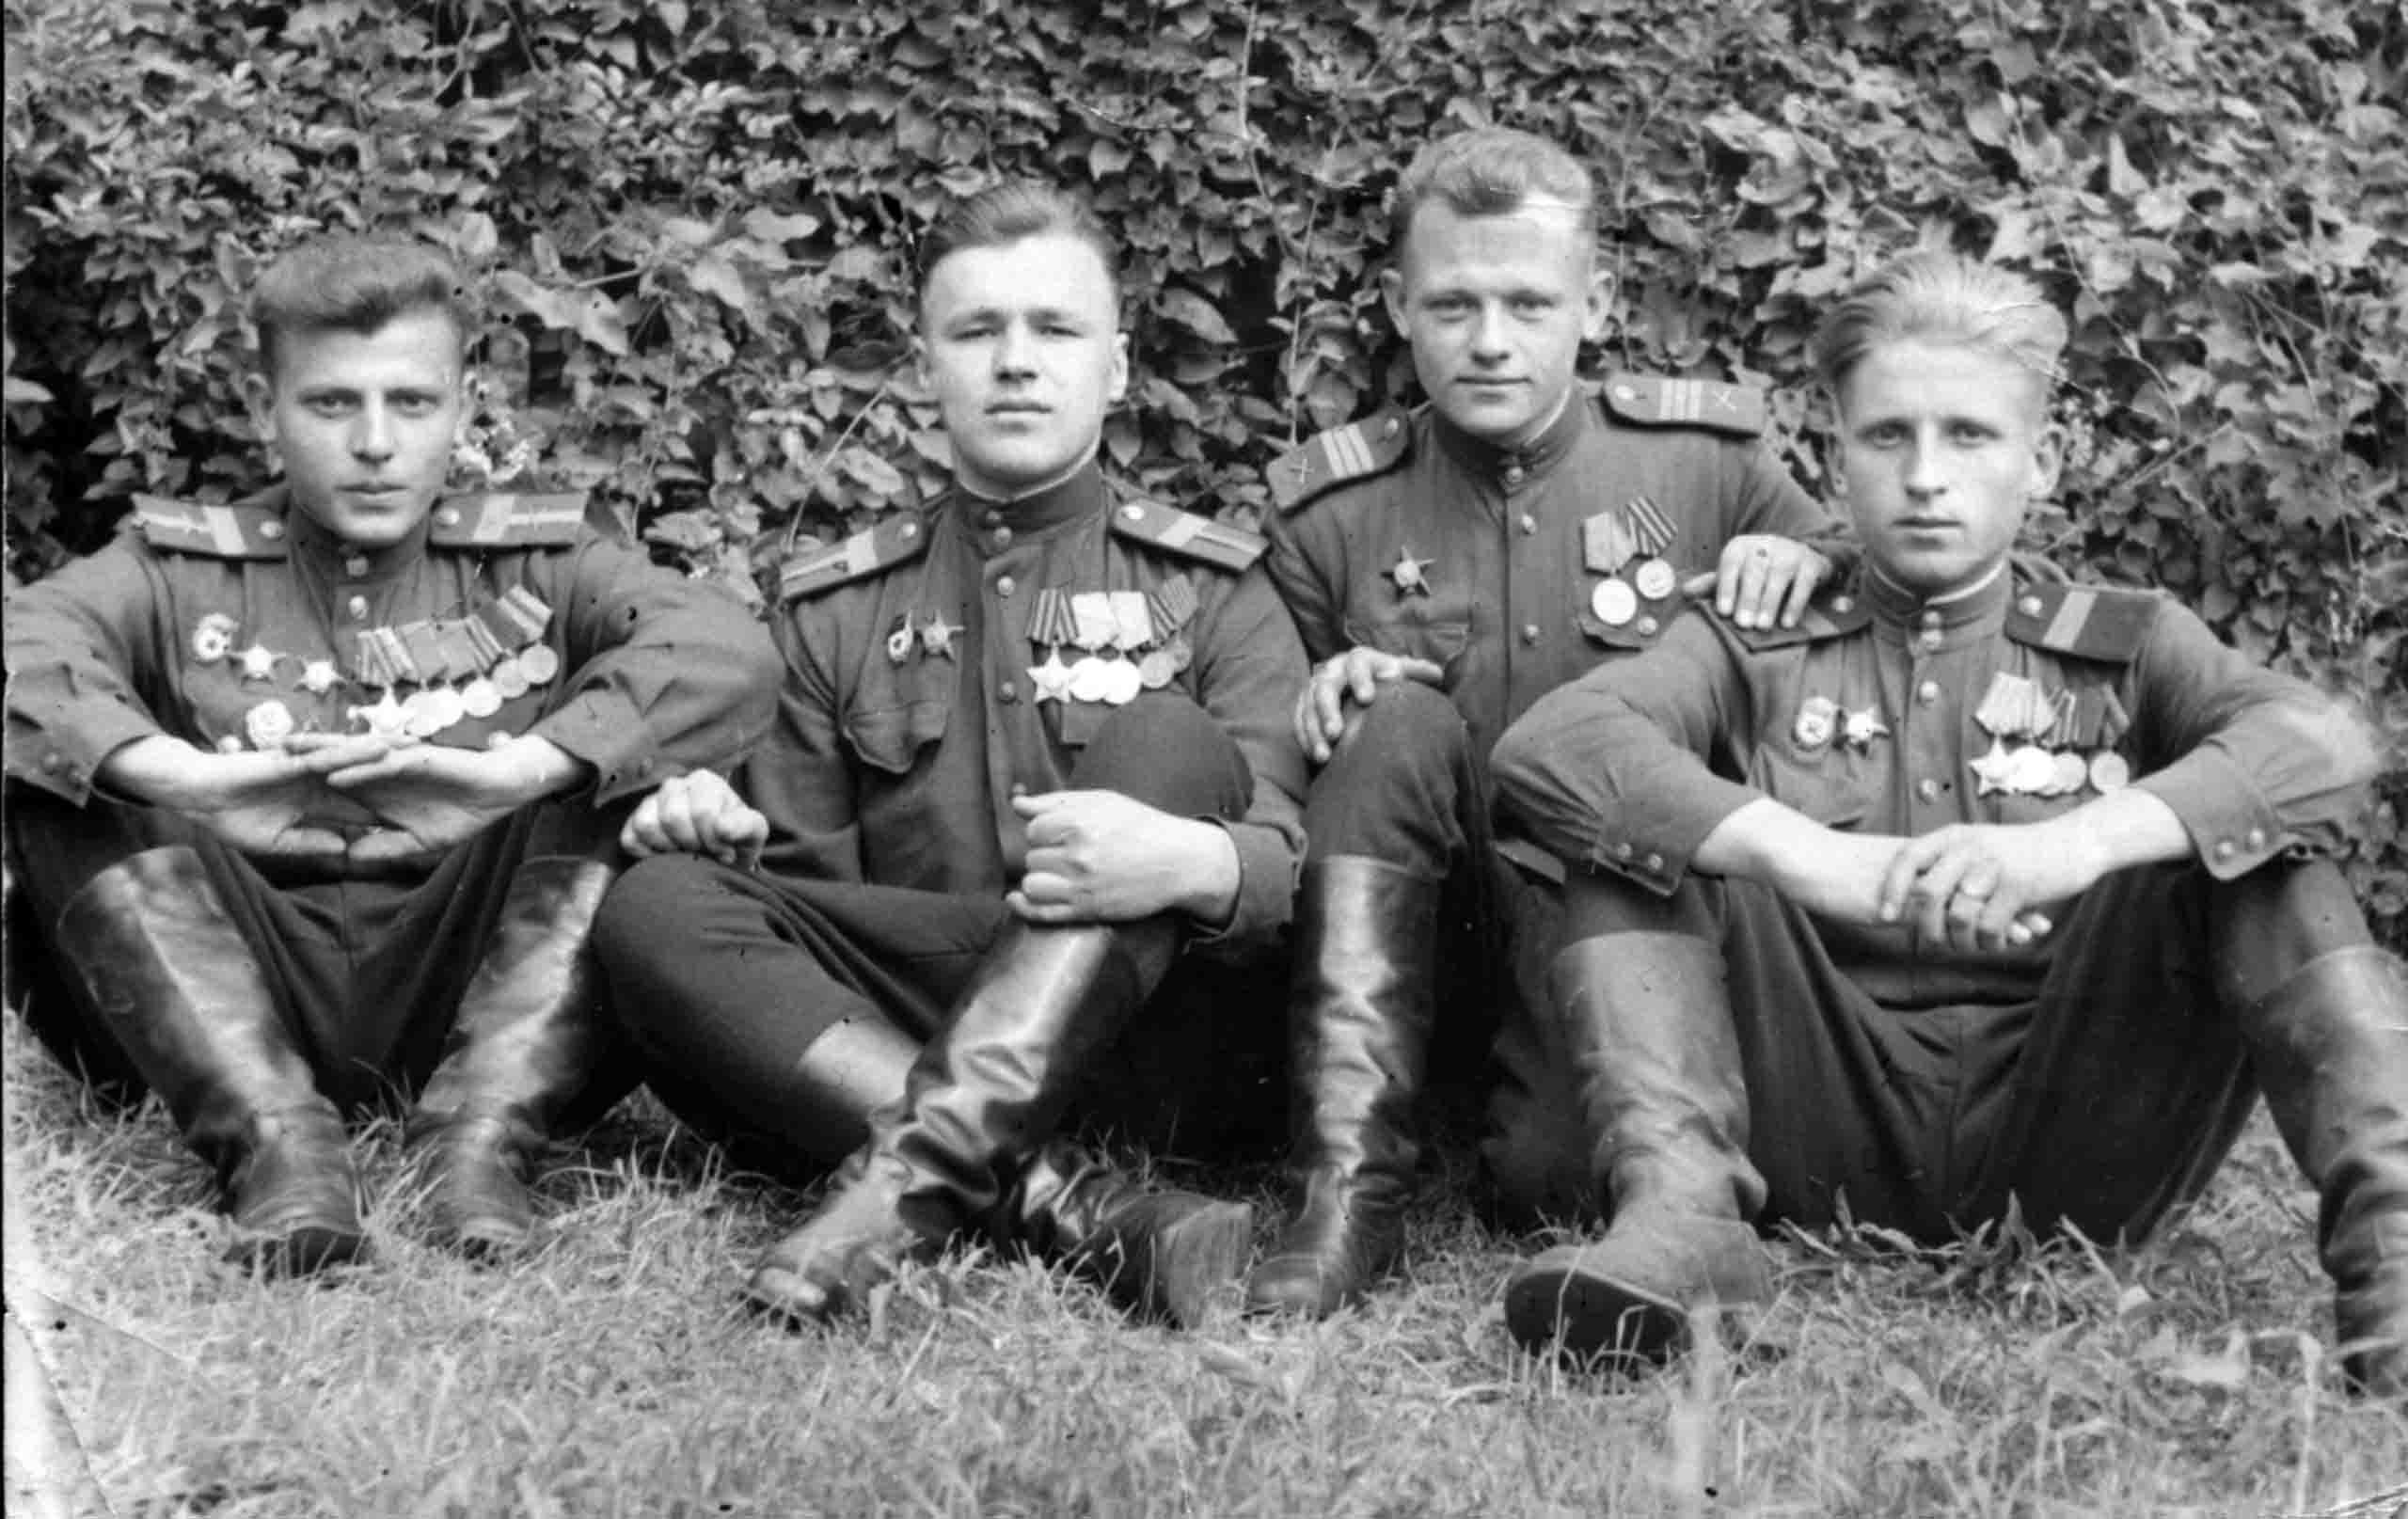 World War II: Soldiers